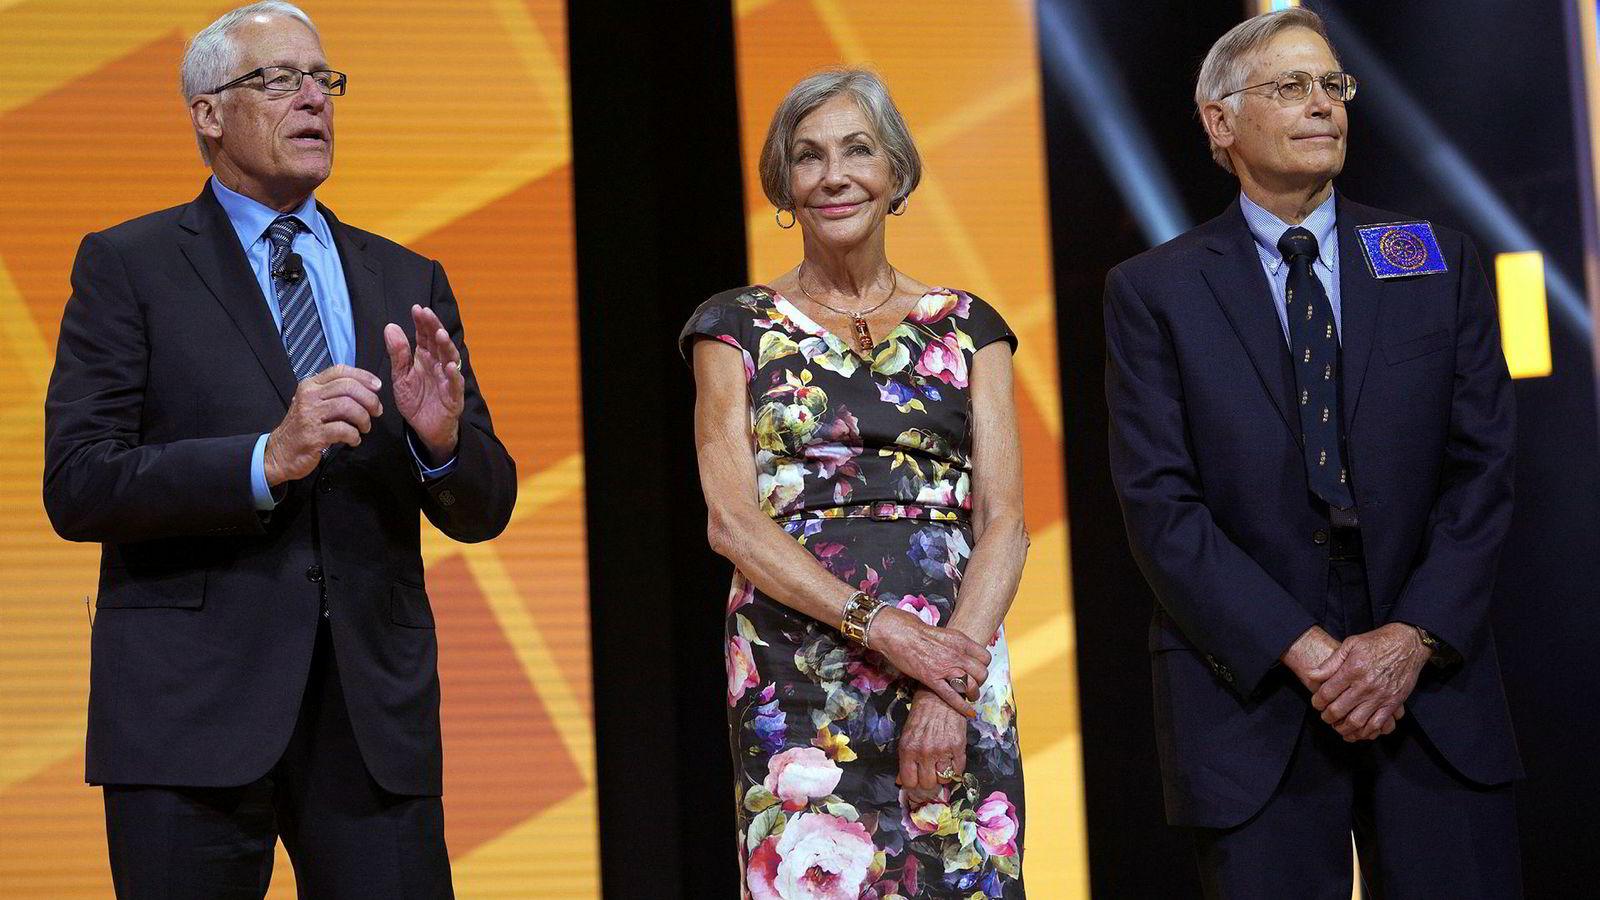 Walton-familien, her representert med fra venstre Rob, Alice og Jim, er verdens mest velstående.